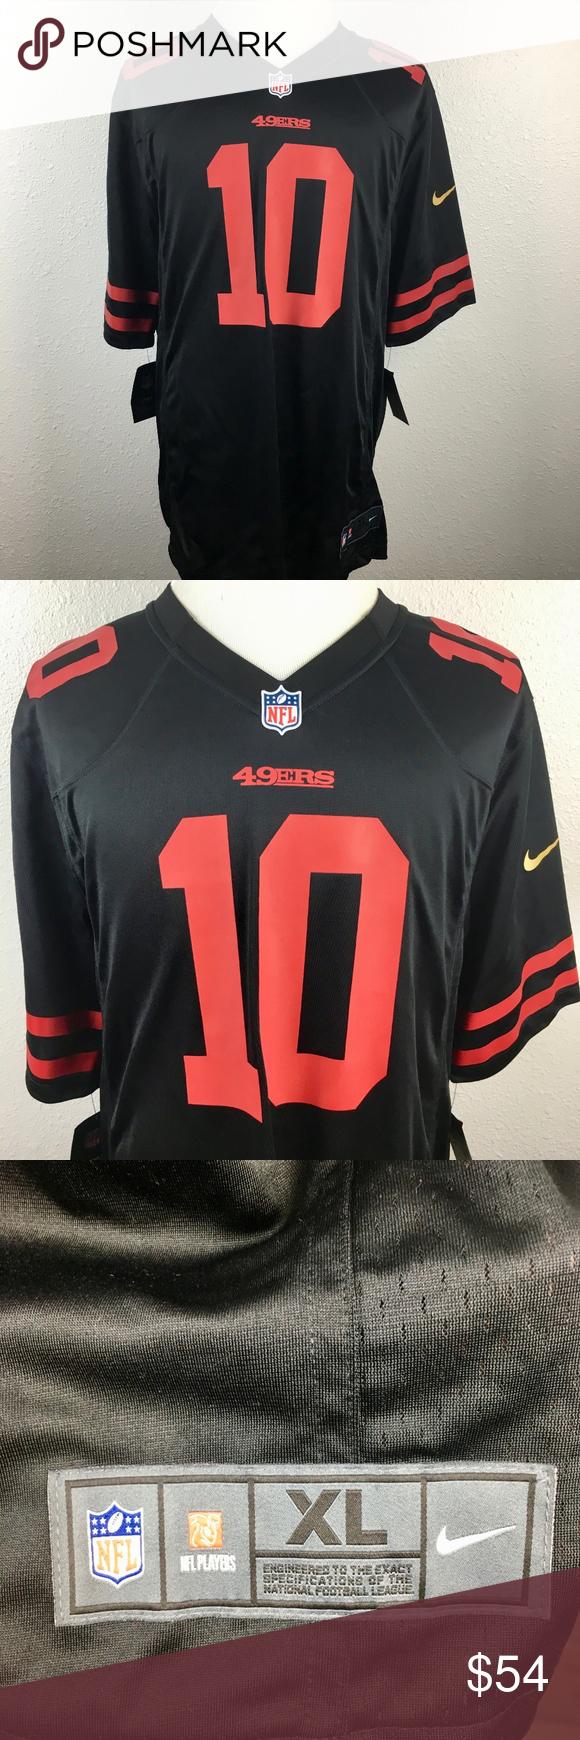 best loved 7d057 25672 Nike Jimmy Garoppolo San Francisco 49ers Jersey XL Nike Mens ...